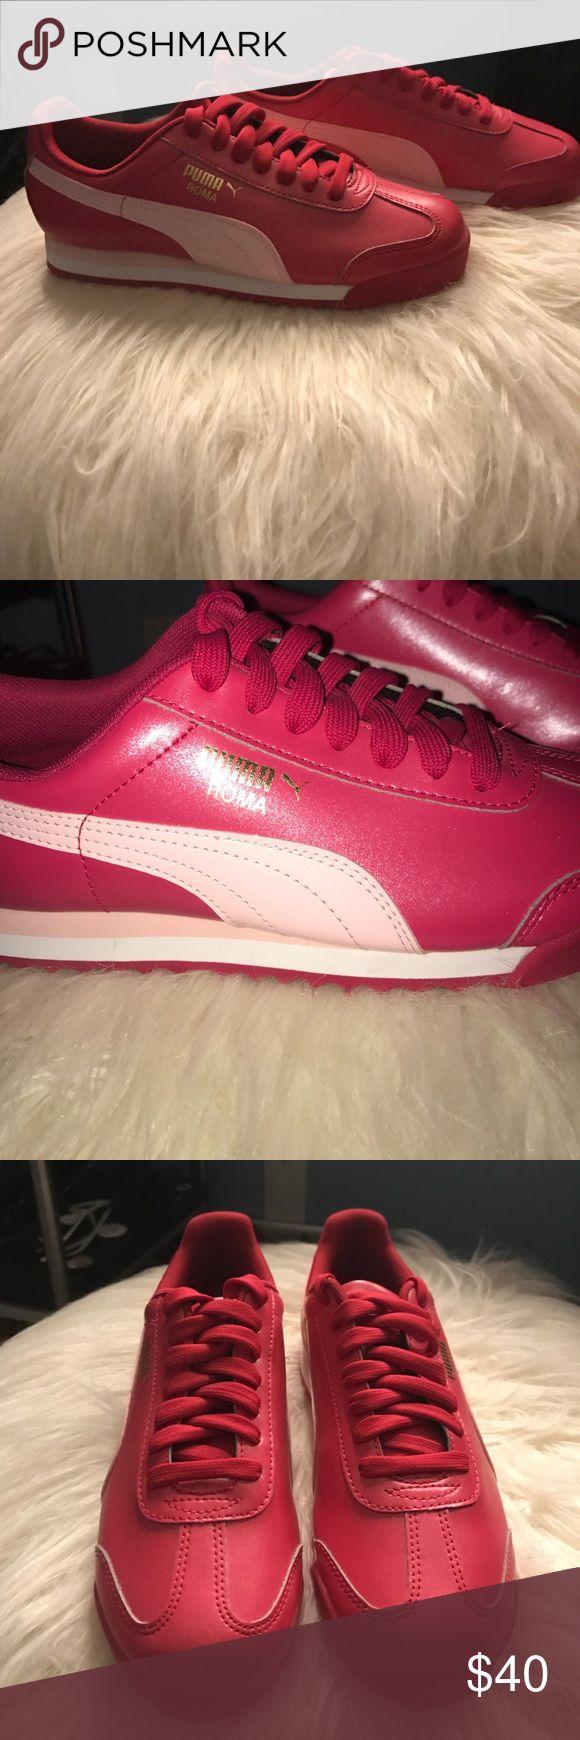 NWOT super cute pink Puma romas NWOT never ever worn, pink multitone Puma Roma, size kids 4 women's 6. Super super cute Puma Shoes